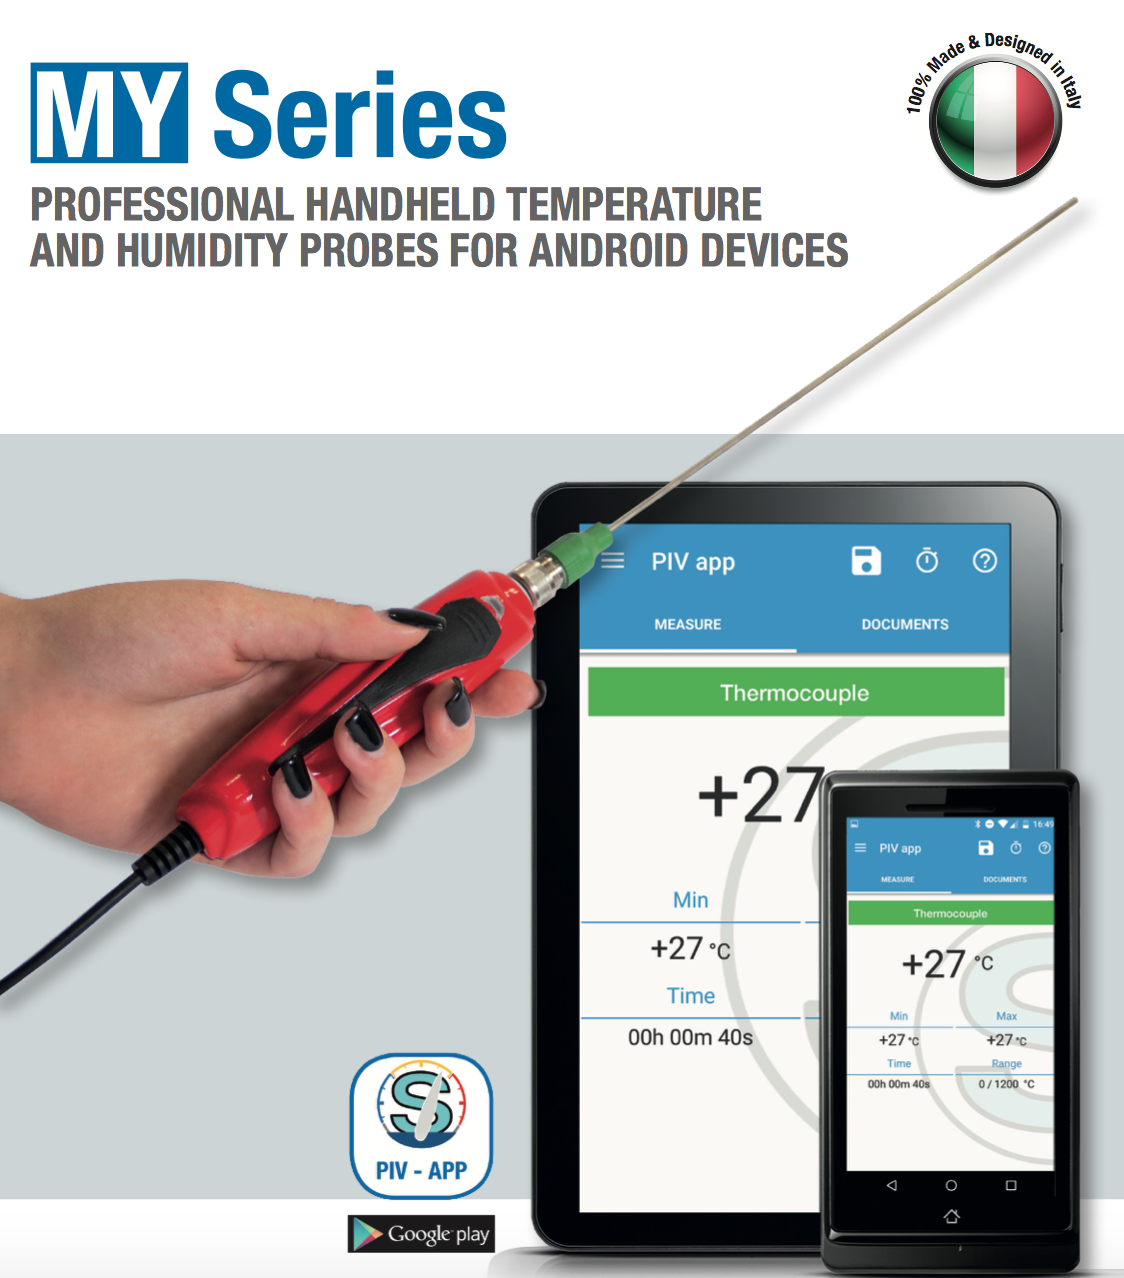 Bộ đo nhiệt độ cầm tay MY Series - Kết nối máy tính